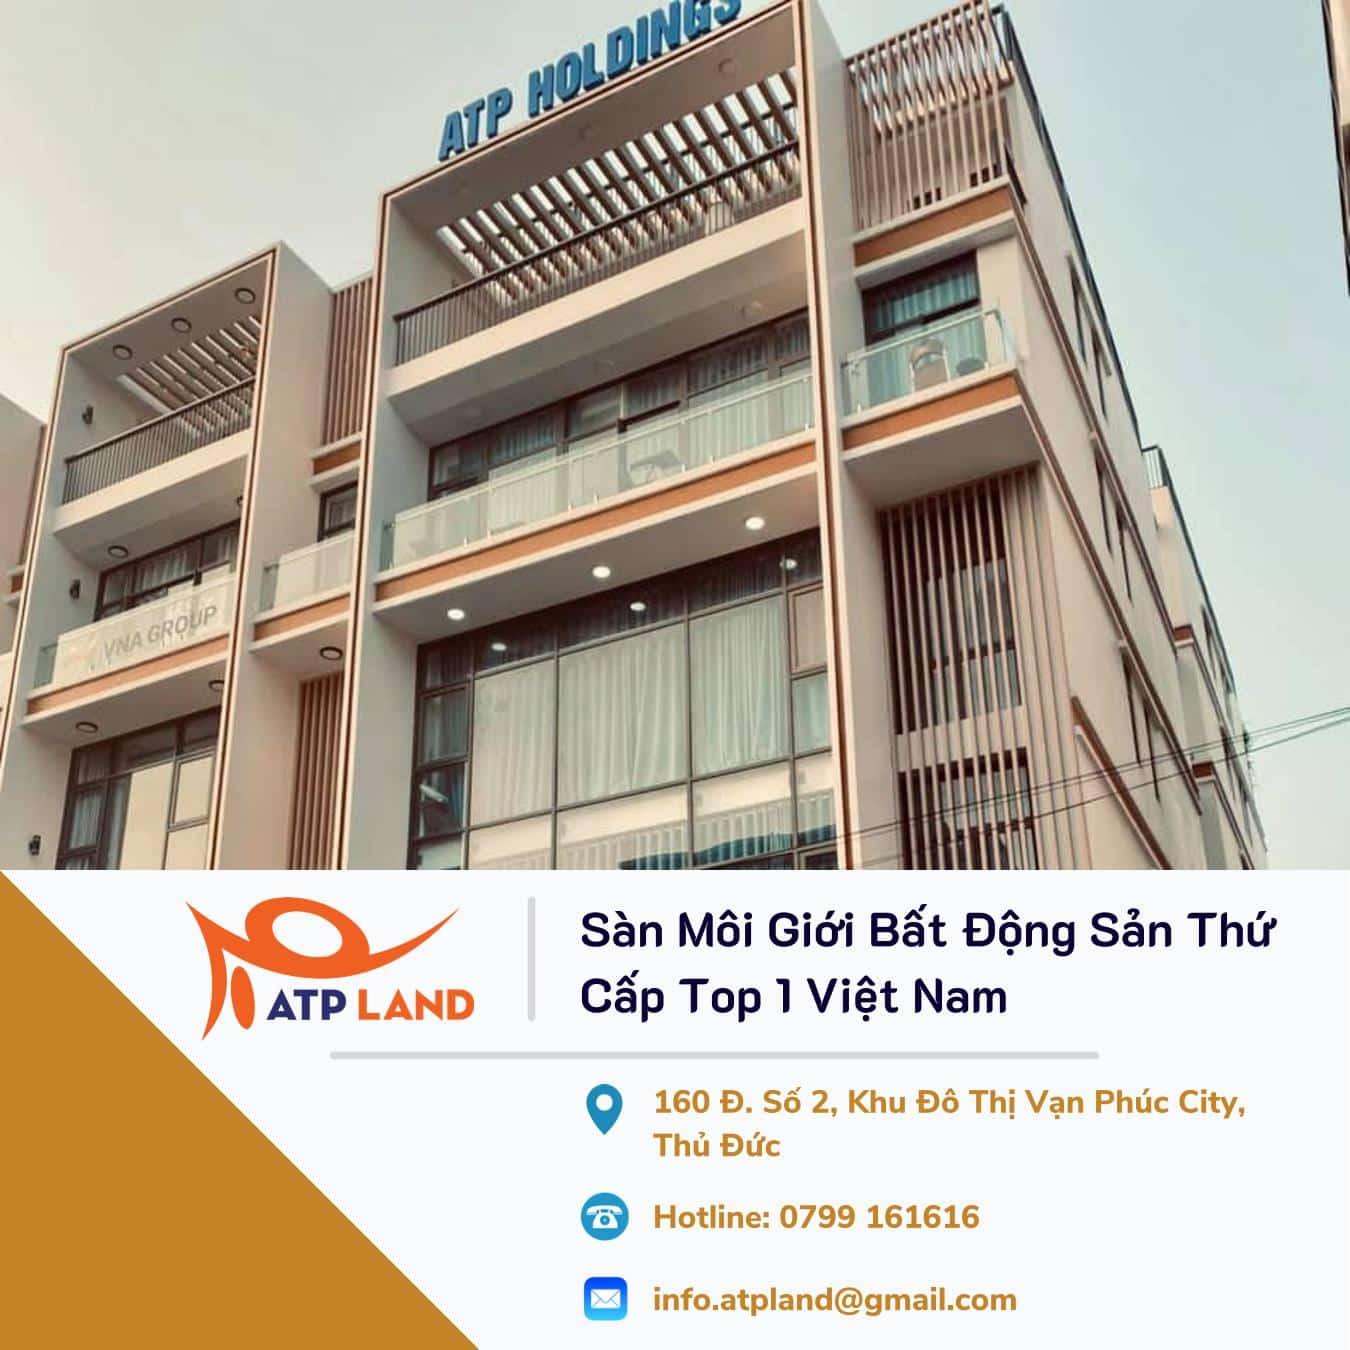 ATP Land